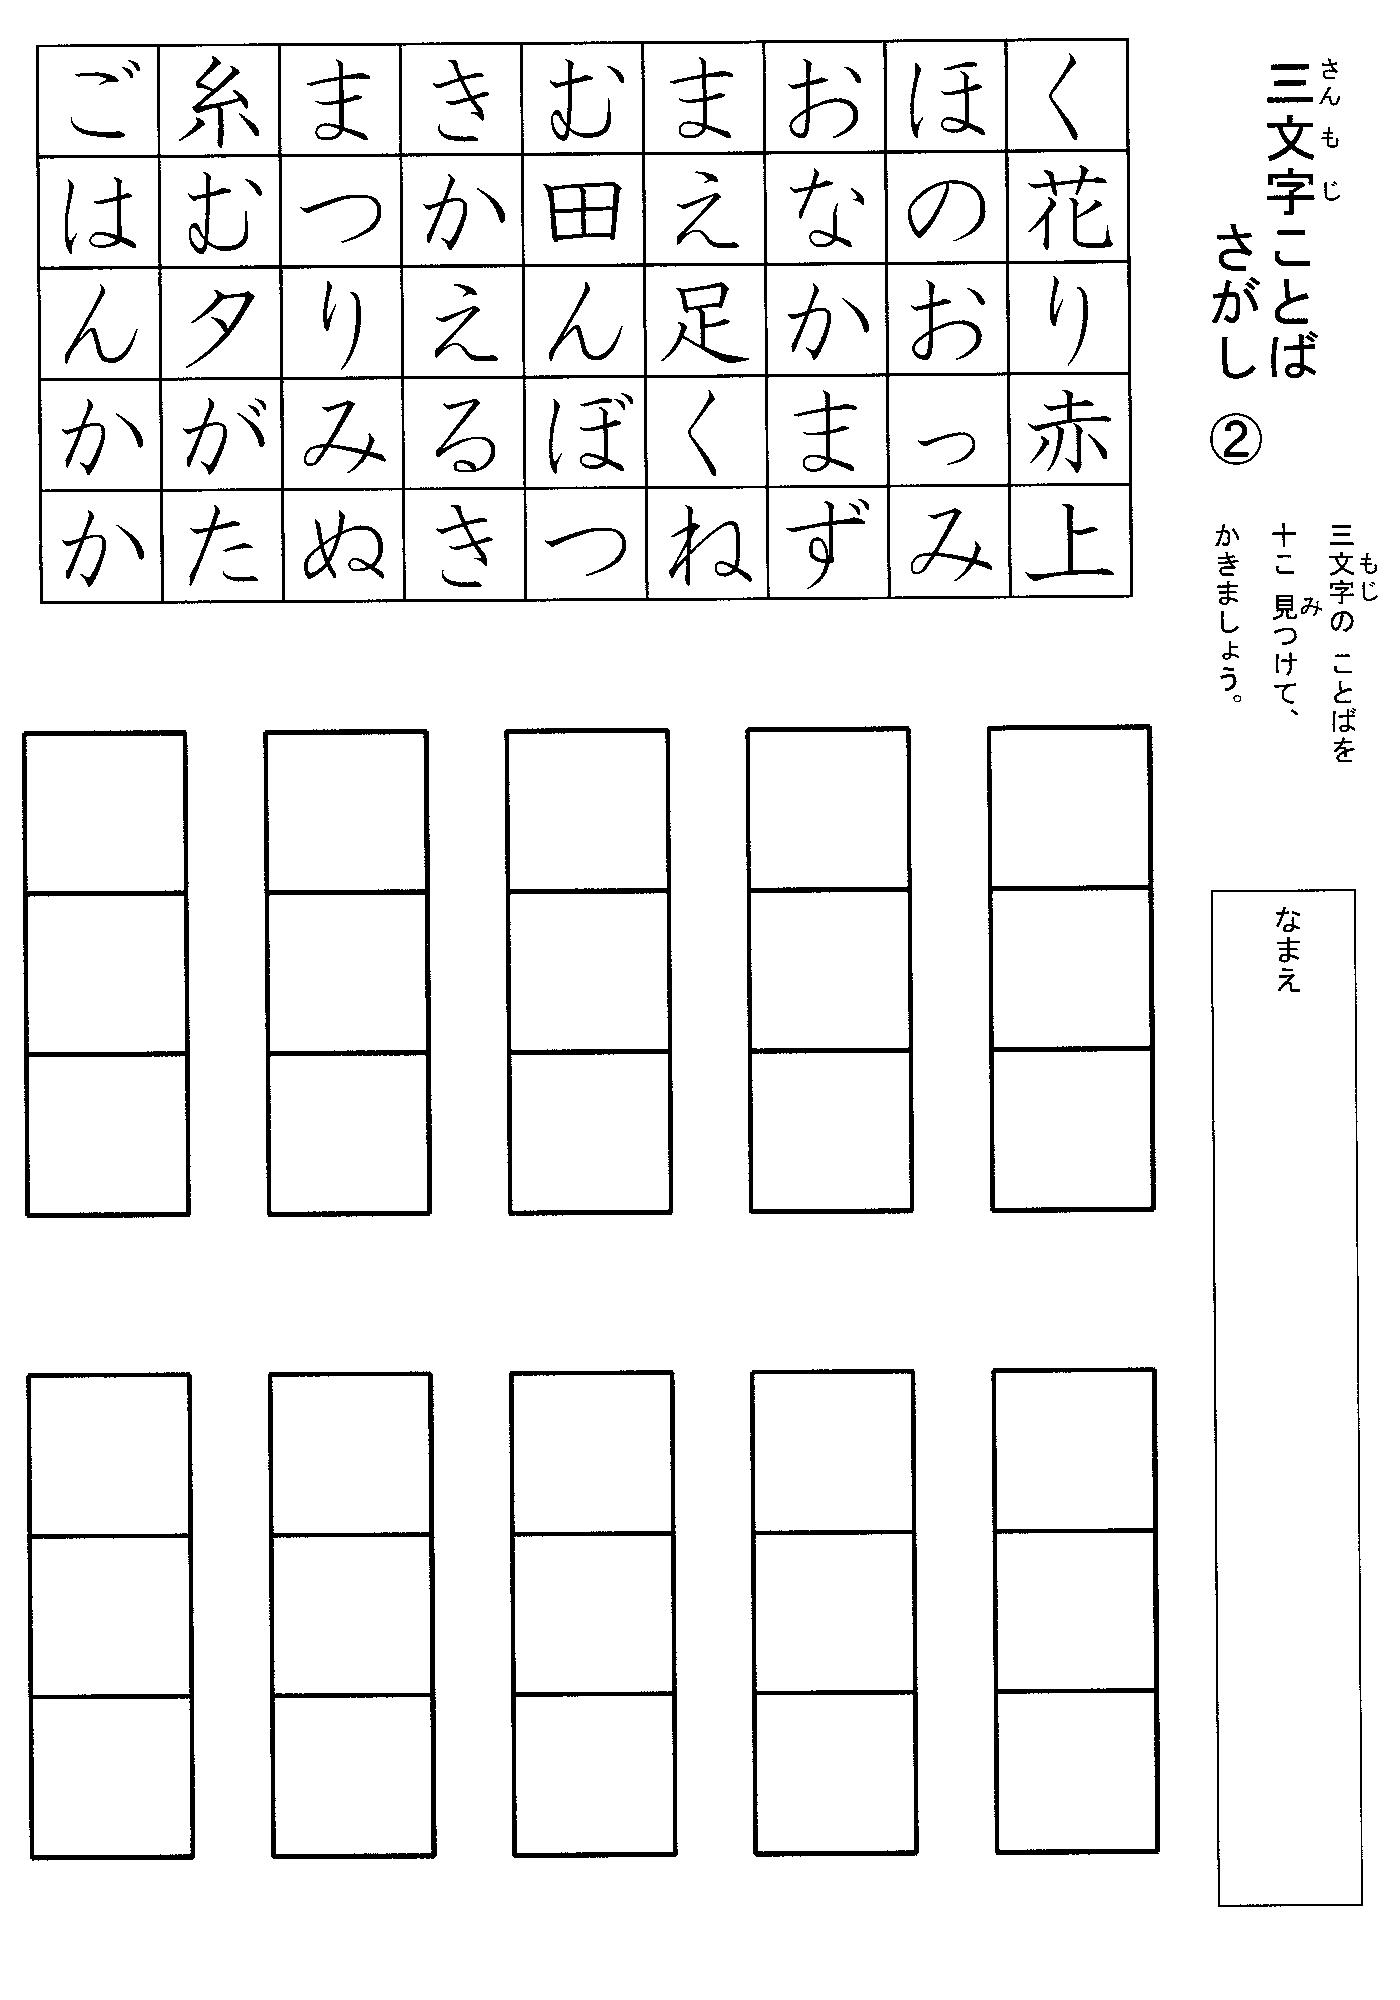 1年生 漢字 プリント | 中学無料問題 プリント